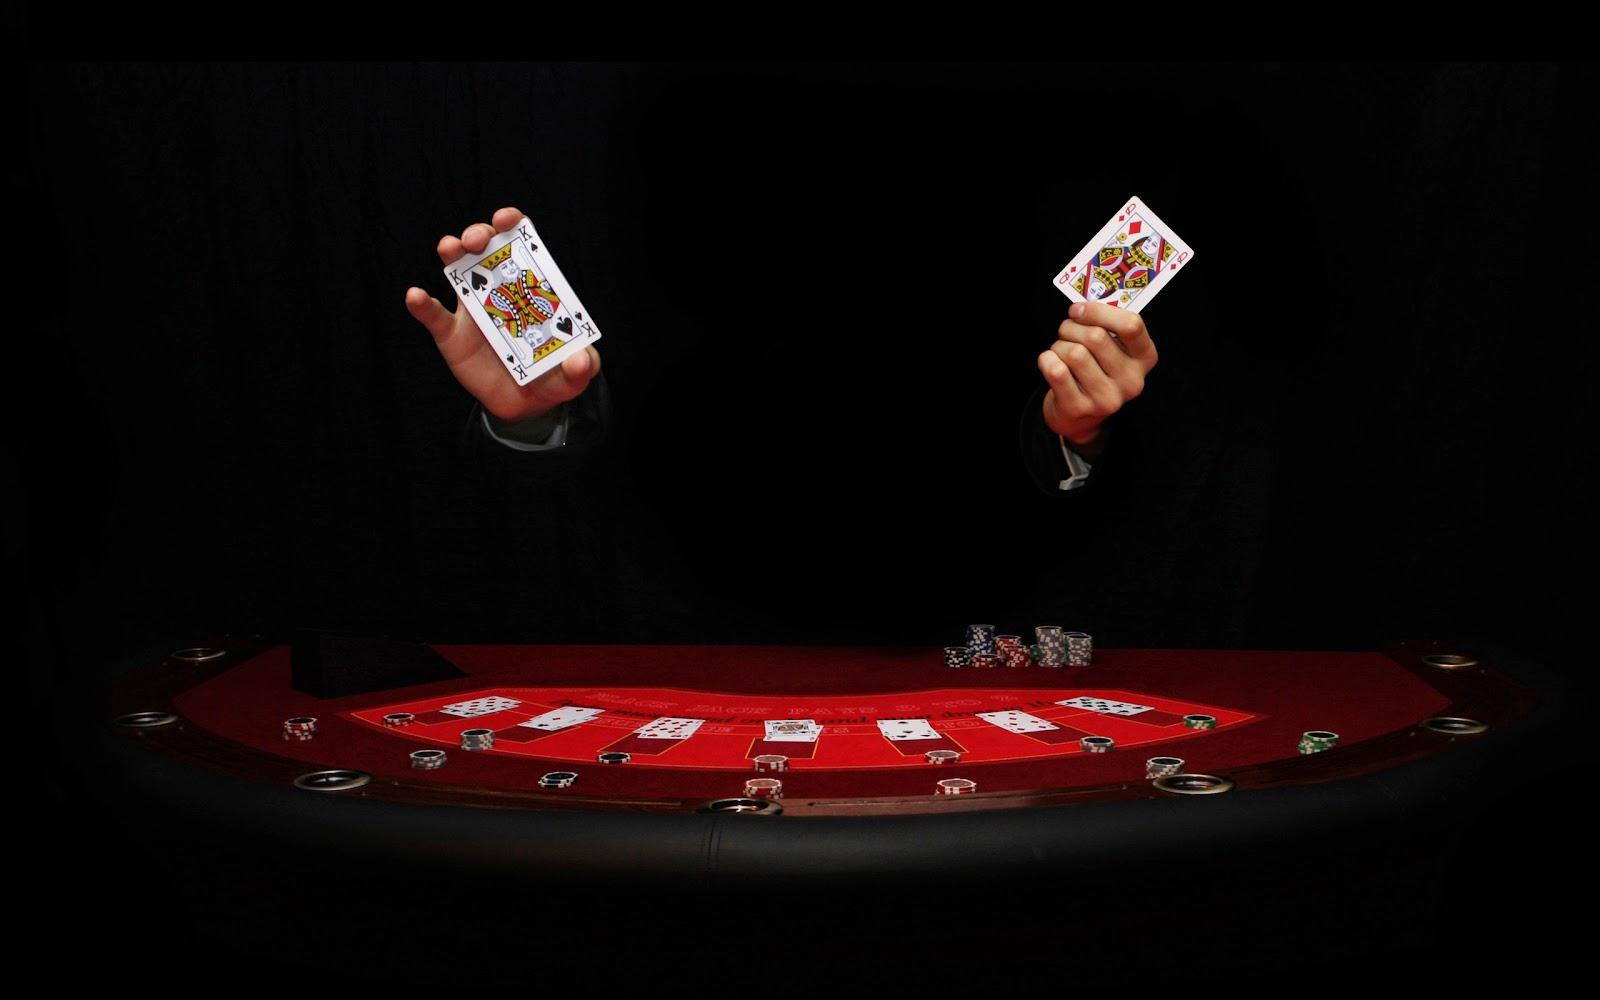 888 раннее известна как пасифик покер или казино-он-нет где можно скачать игровые автоматы бесплатно